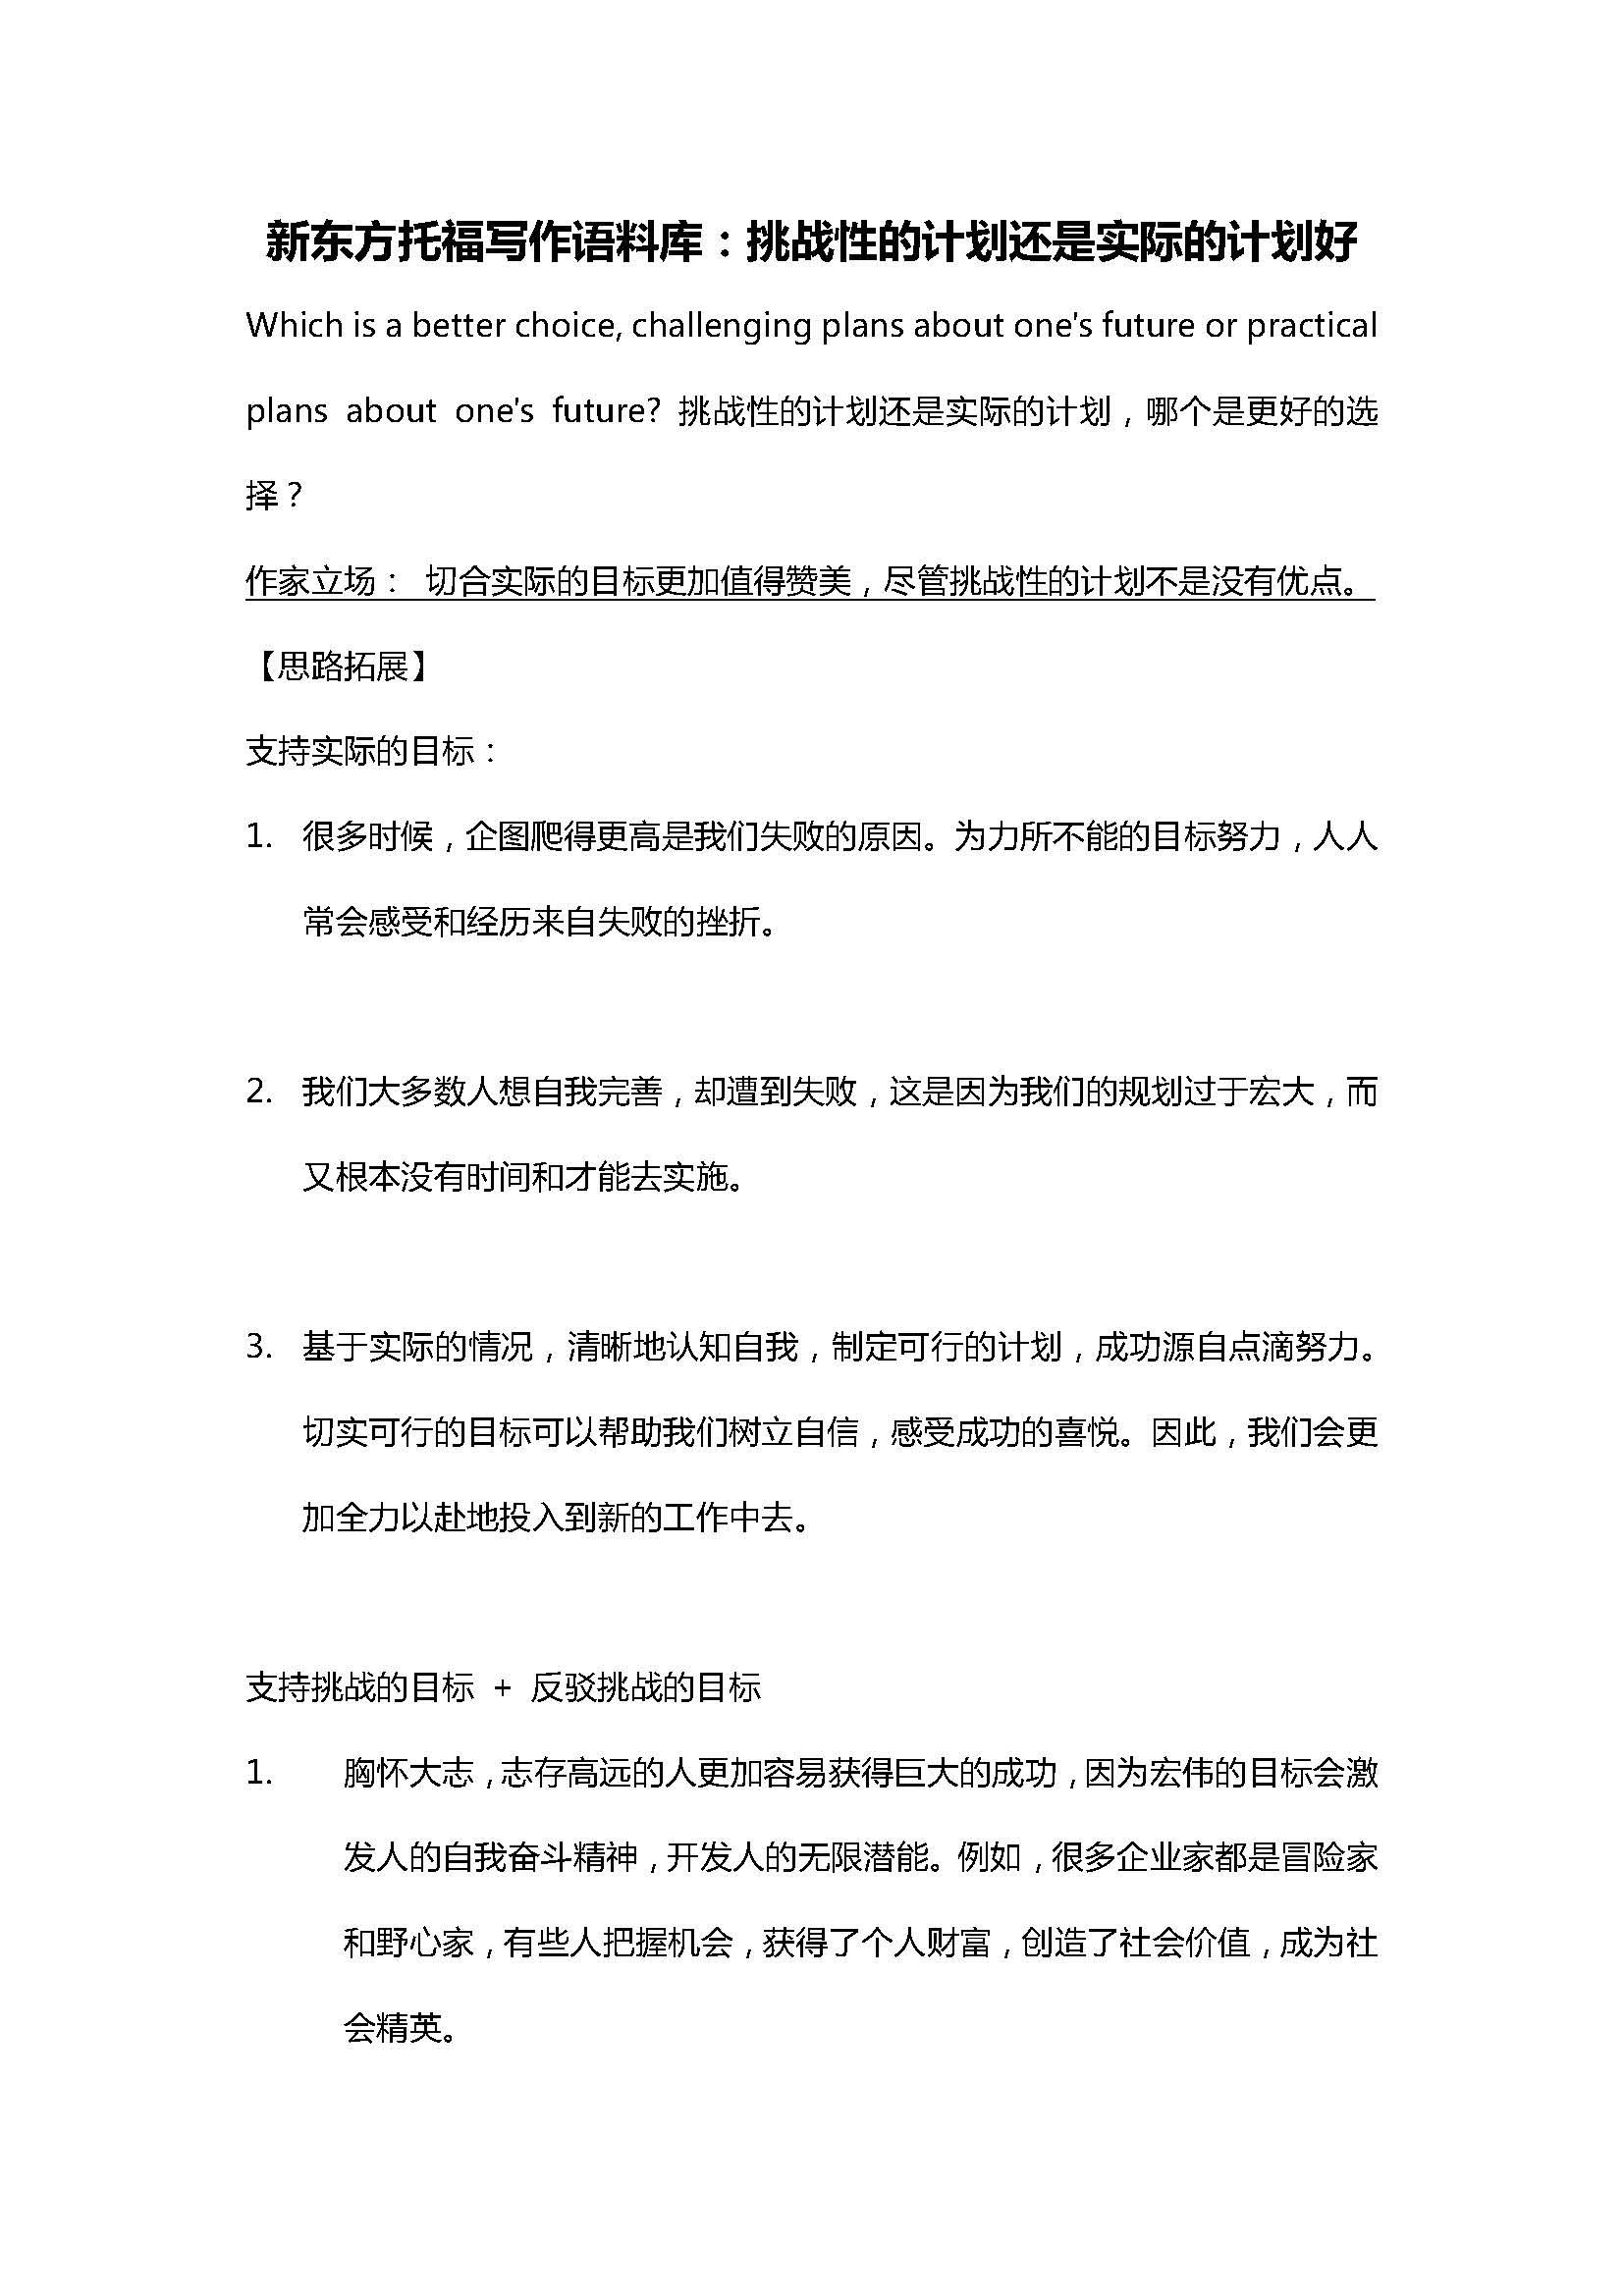 新东方托福写作语料库:挑战性的计划还是实际的计划好